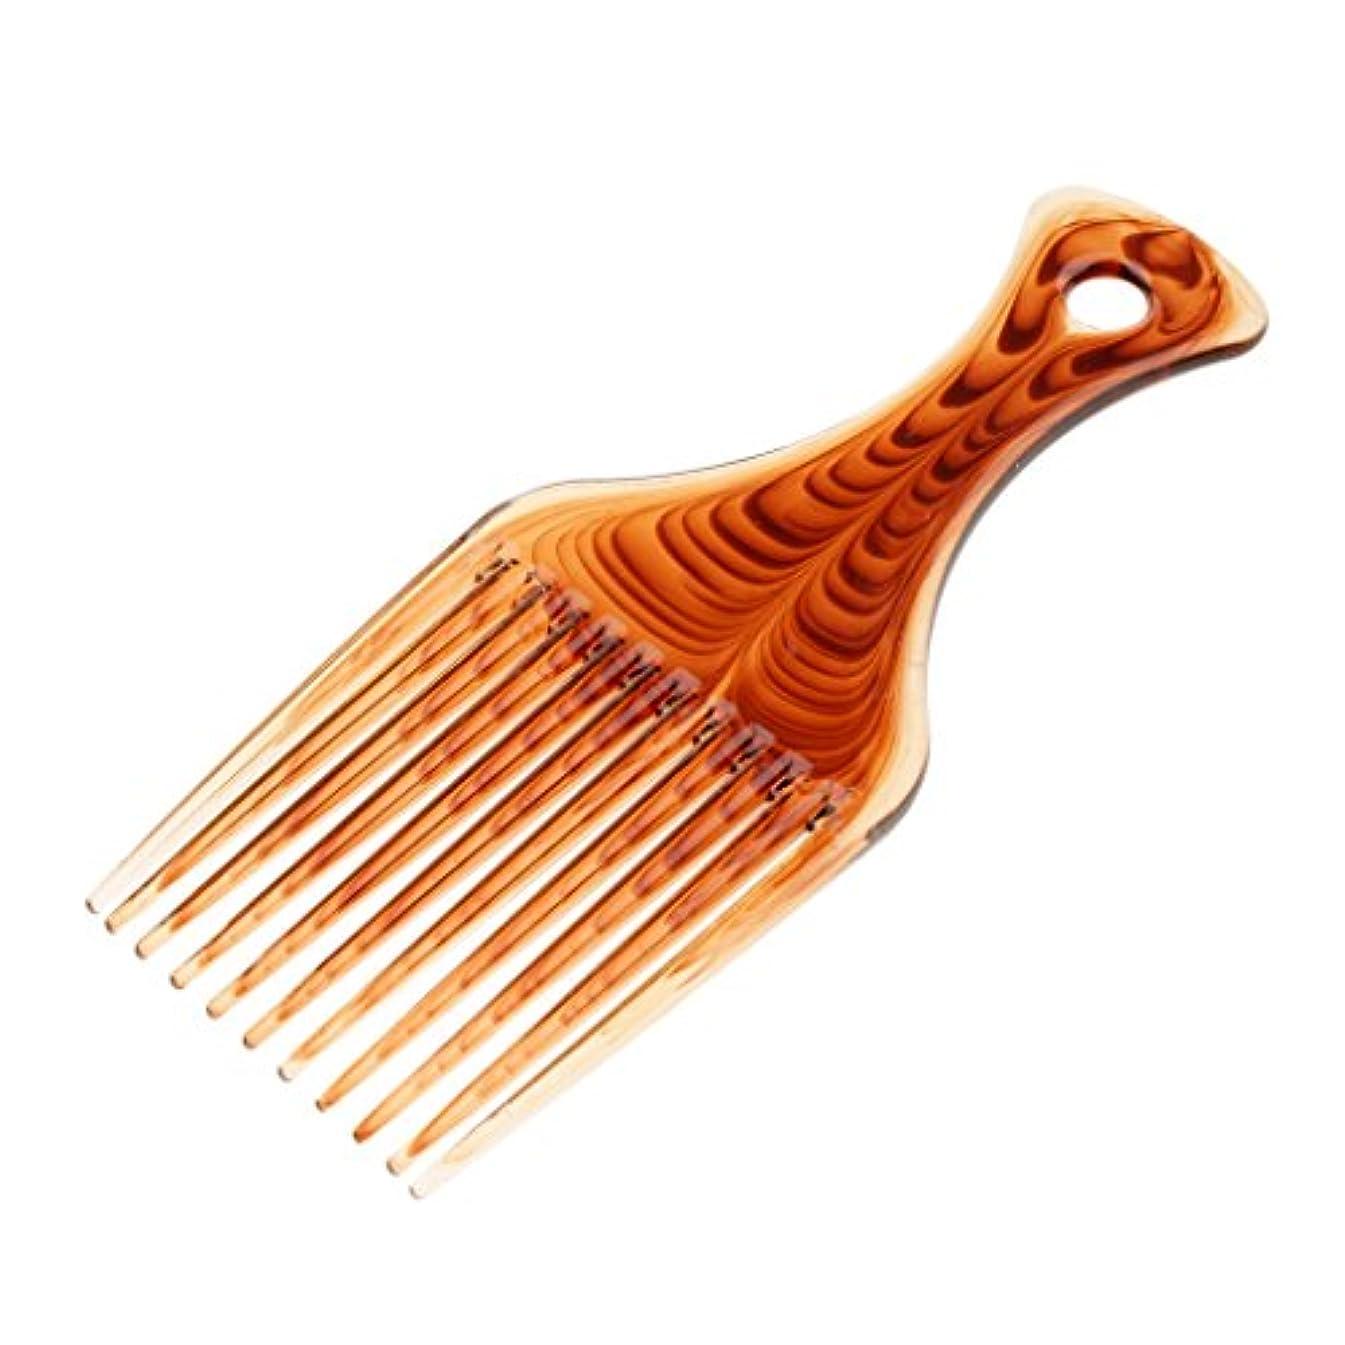 暴露する四分円報奨金ヘアコーム ヘアブラシ くし プラスチック製 アフロ 髪の櫛 かつらにも適用 スタイリング 持ち上げ ヘアブラシ